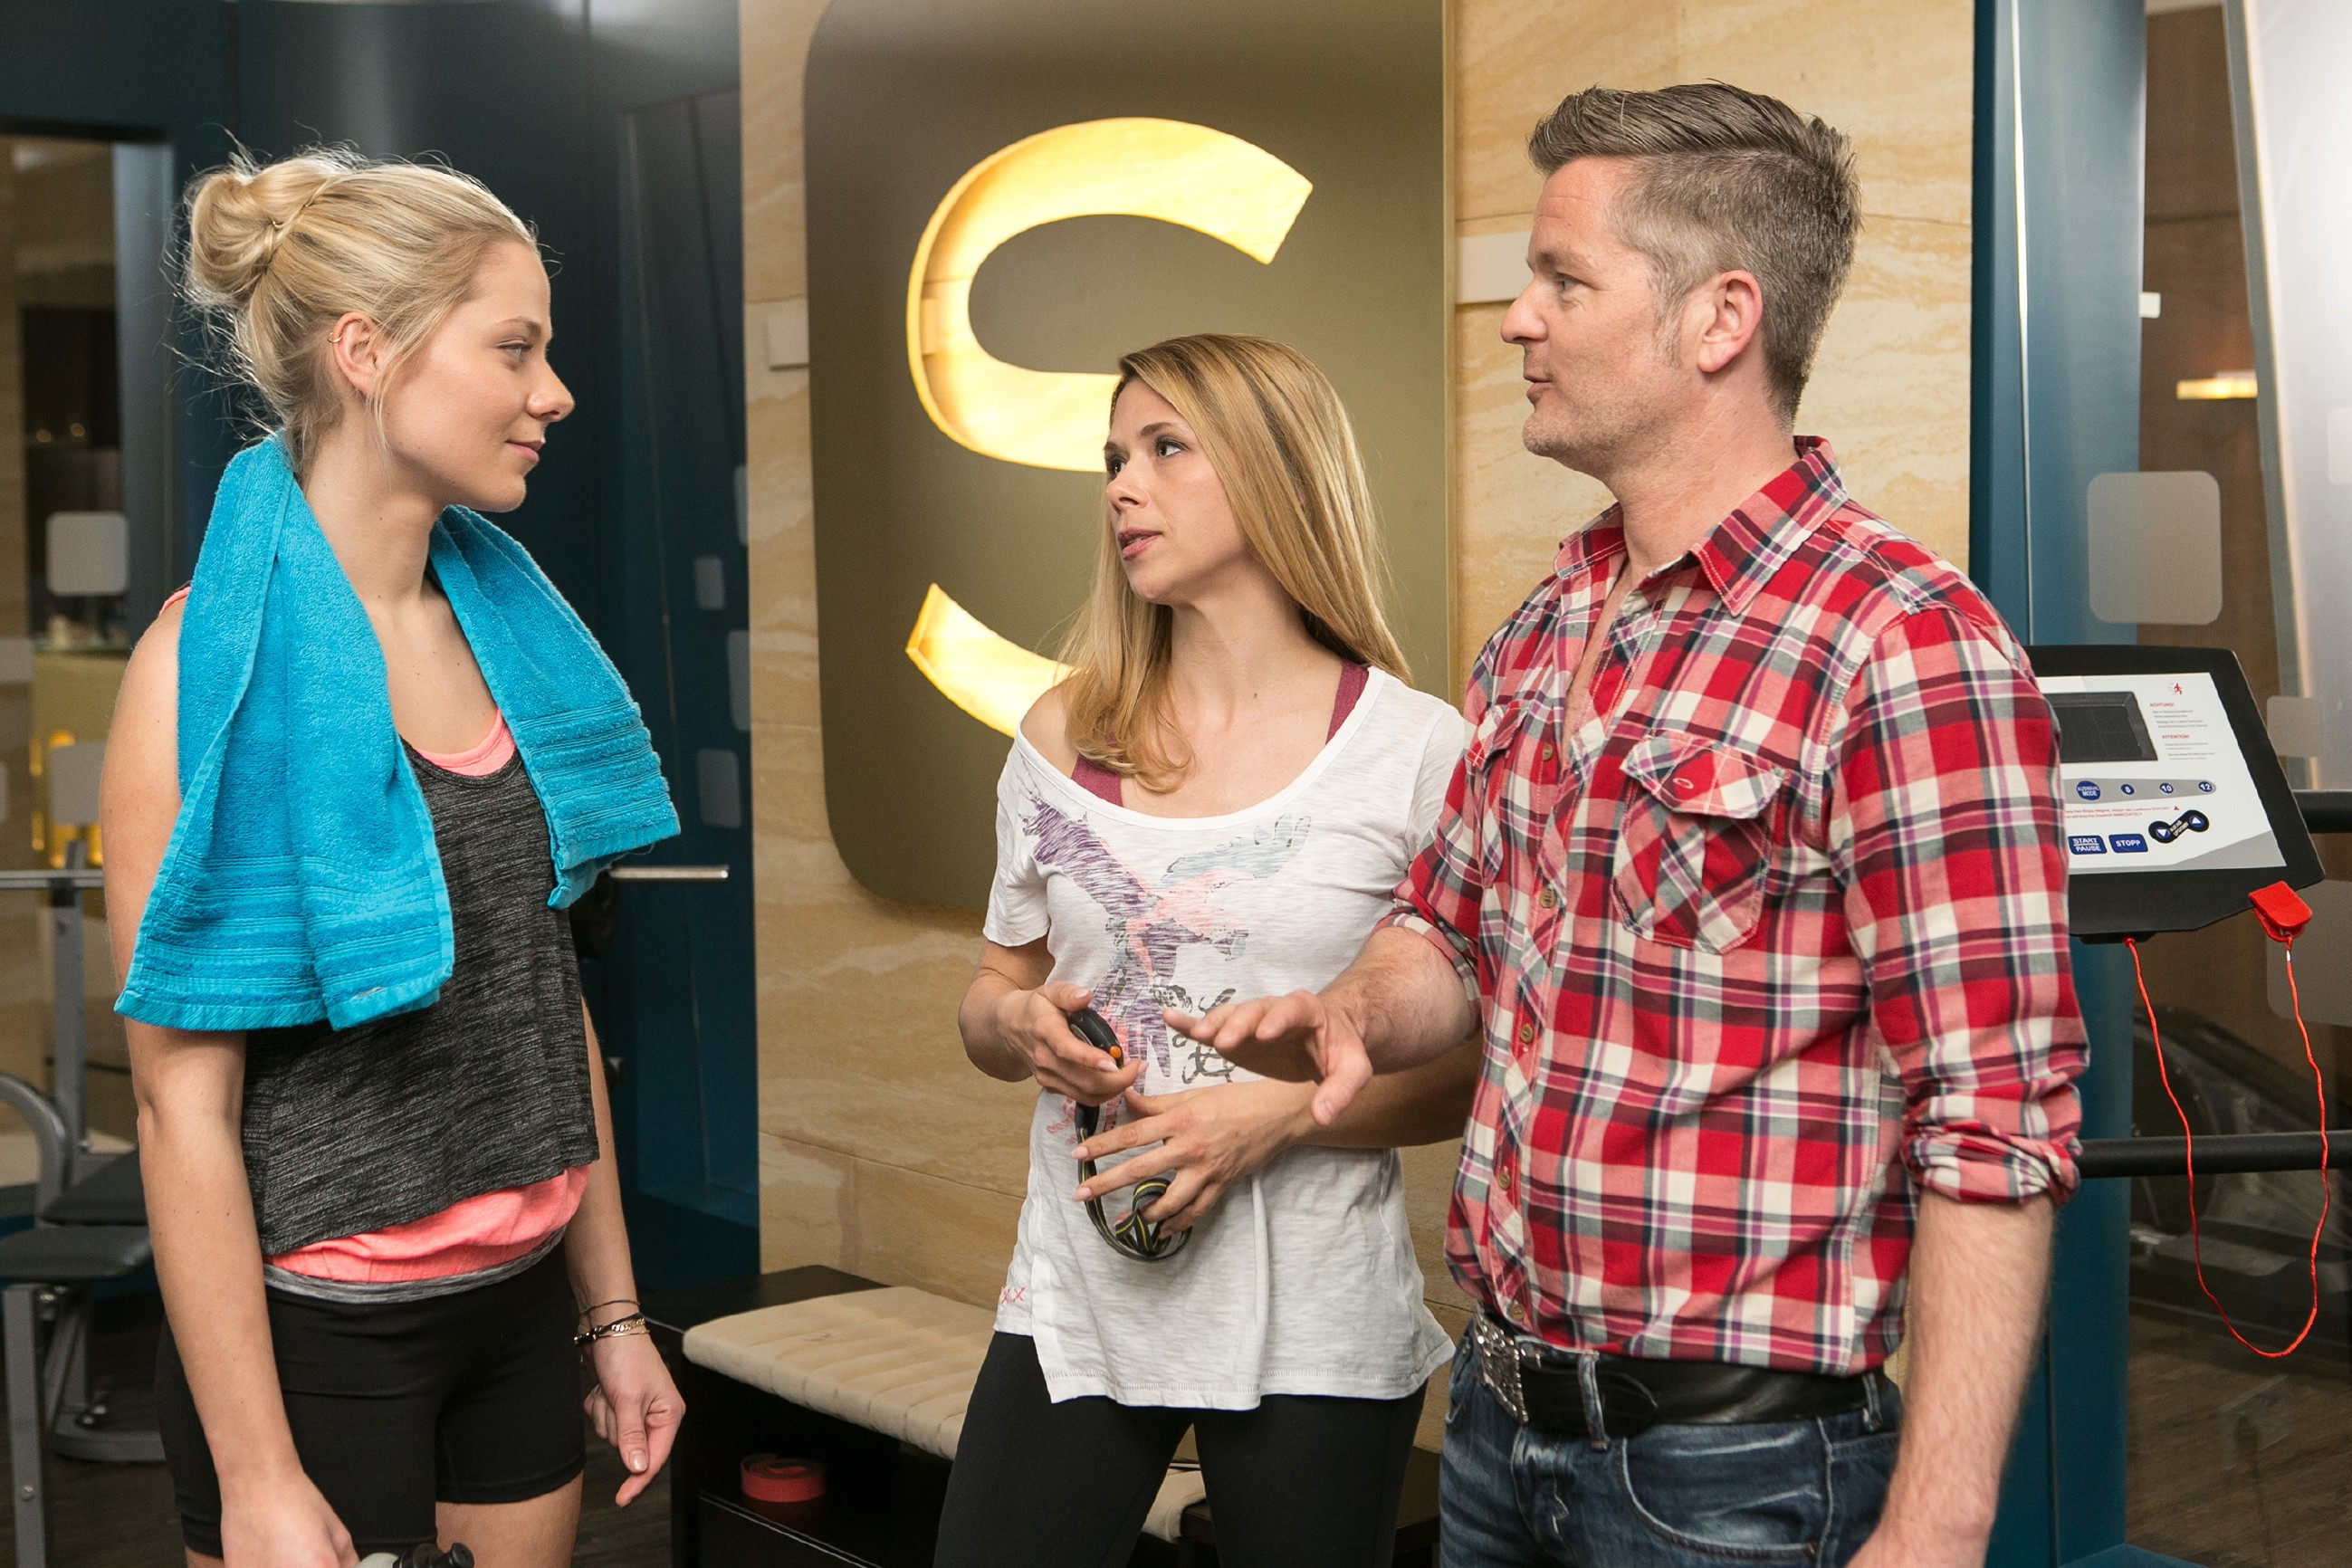 Marie (Cheyenne Pahde, l.) scheut keine Anstrengungen für ihren Traum und kündigt vor Diana (Tanja Szewczenko) und Ingo (André Dietz)an, hart trainieren zu wollen. (Quelle: RTL / Kai Schulz)